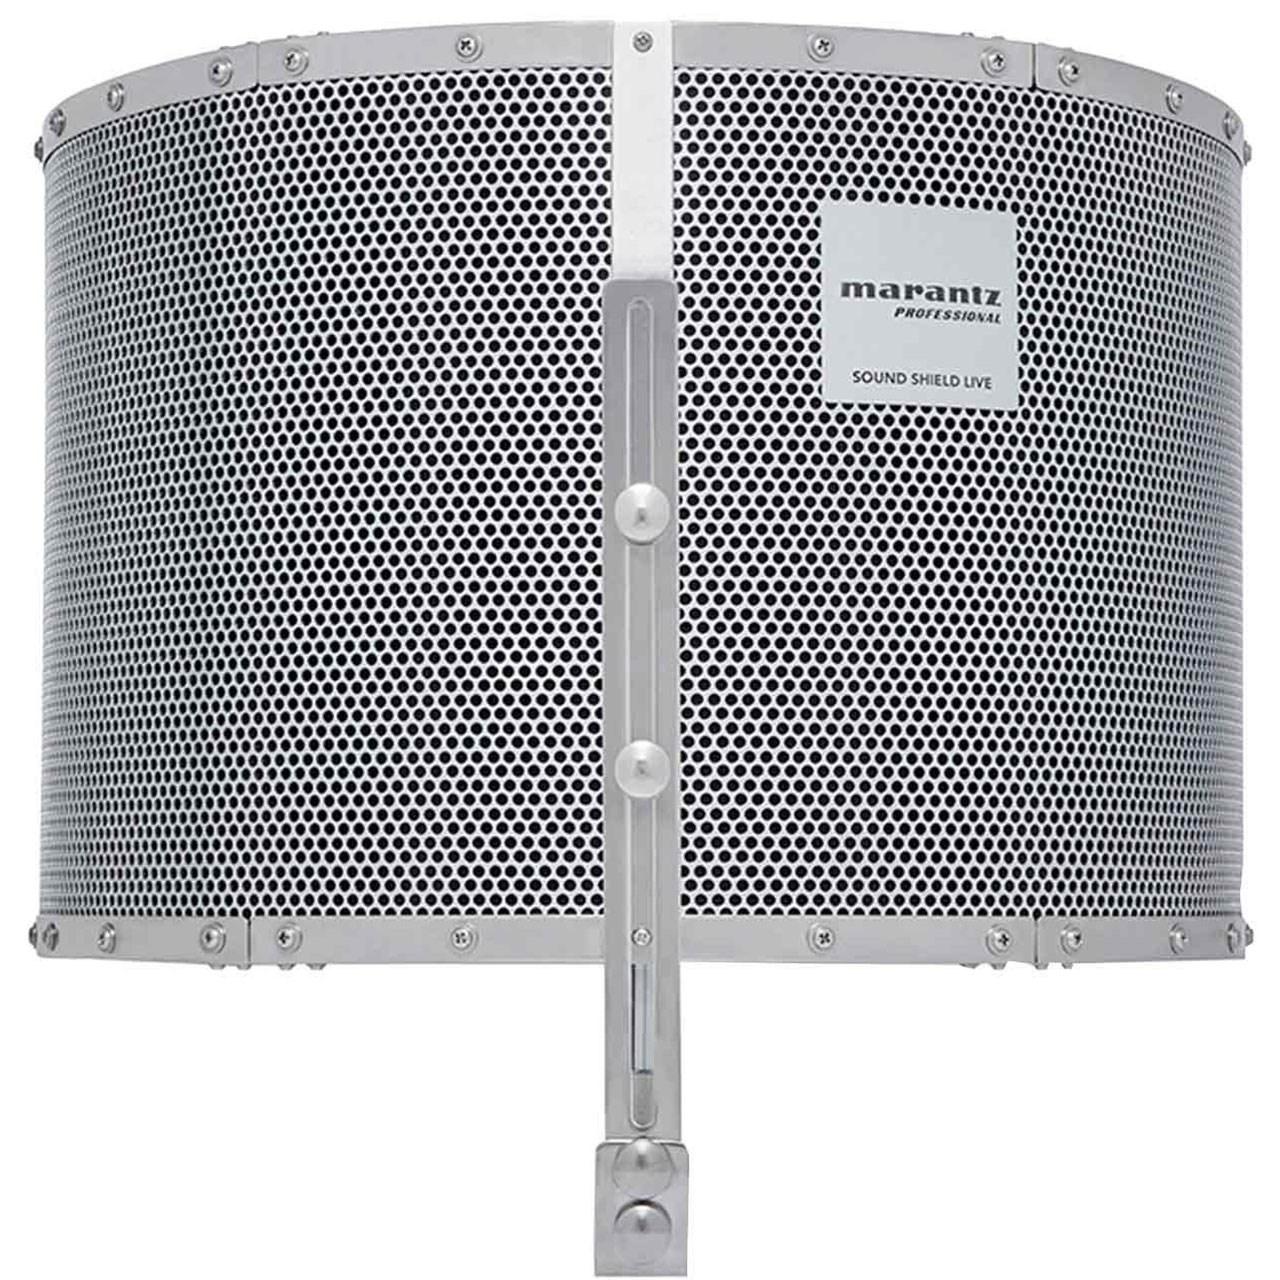 ایزولاتور میکروفون مرنتز مدل Sound Shield Live